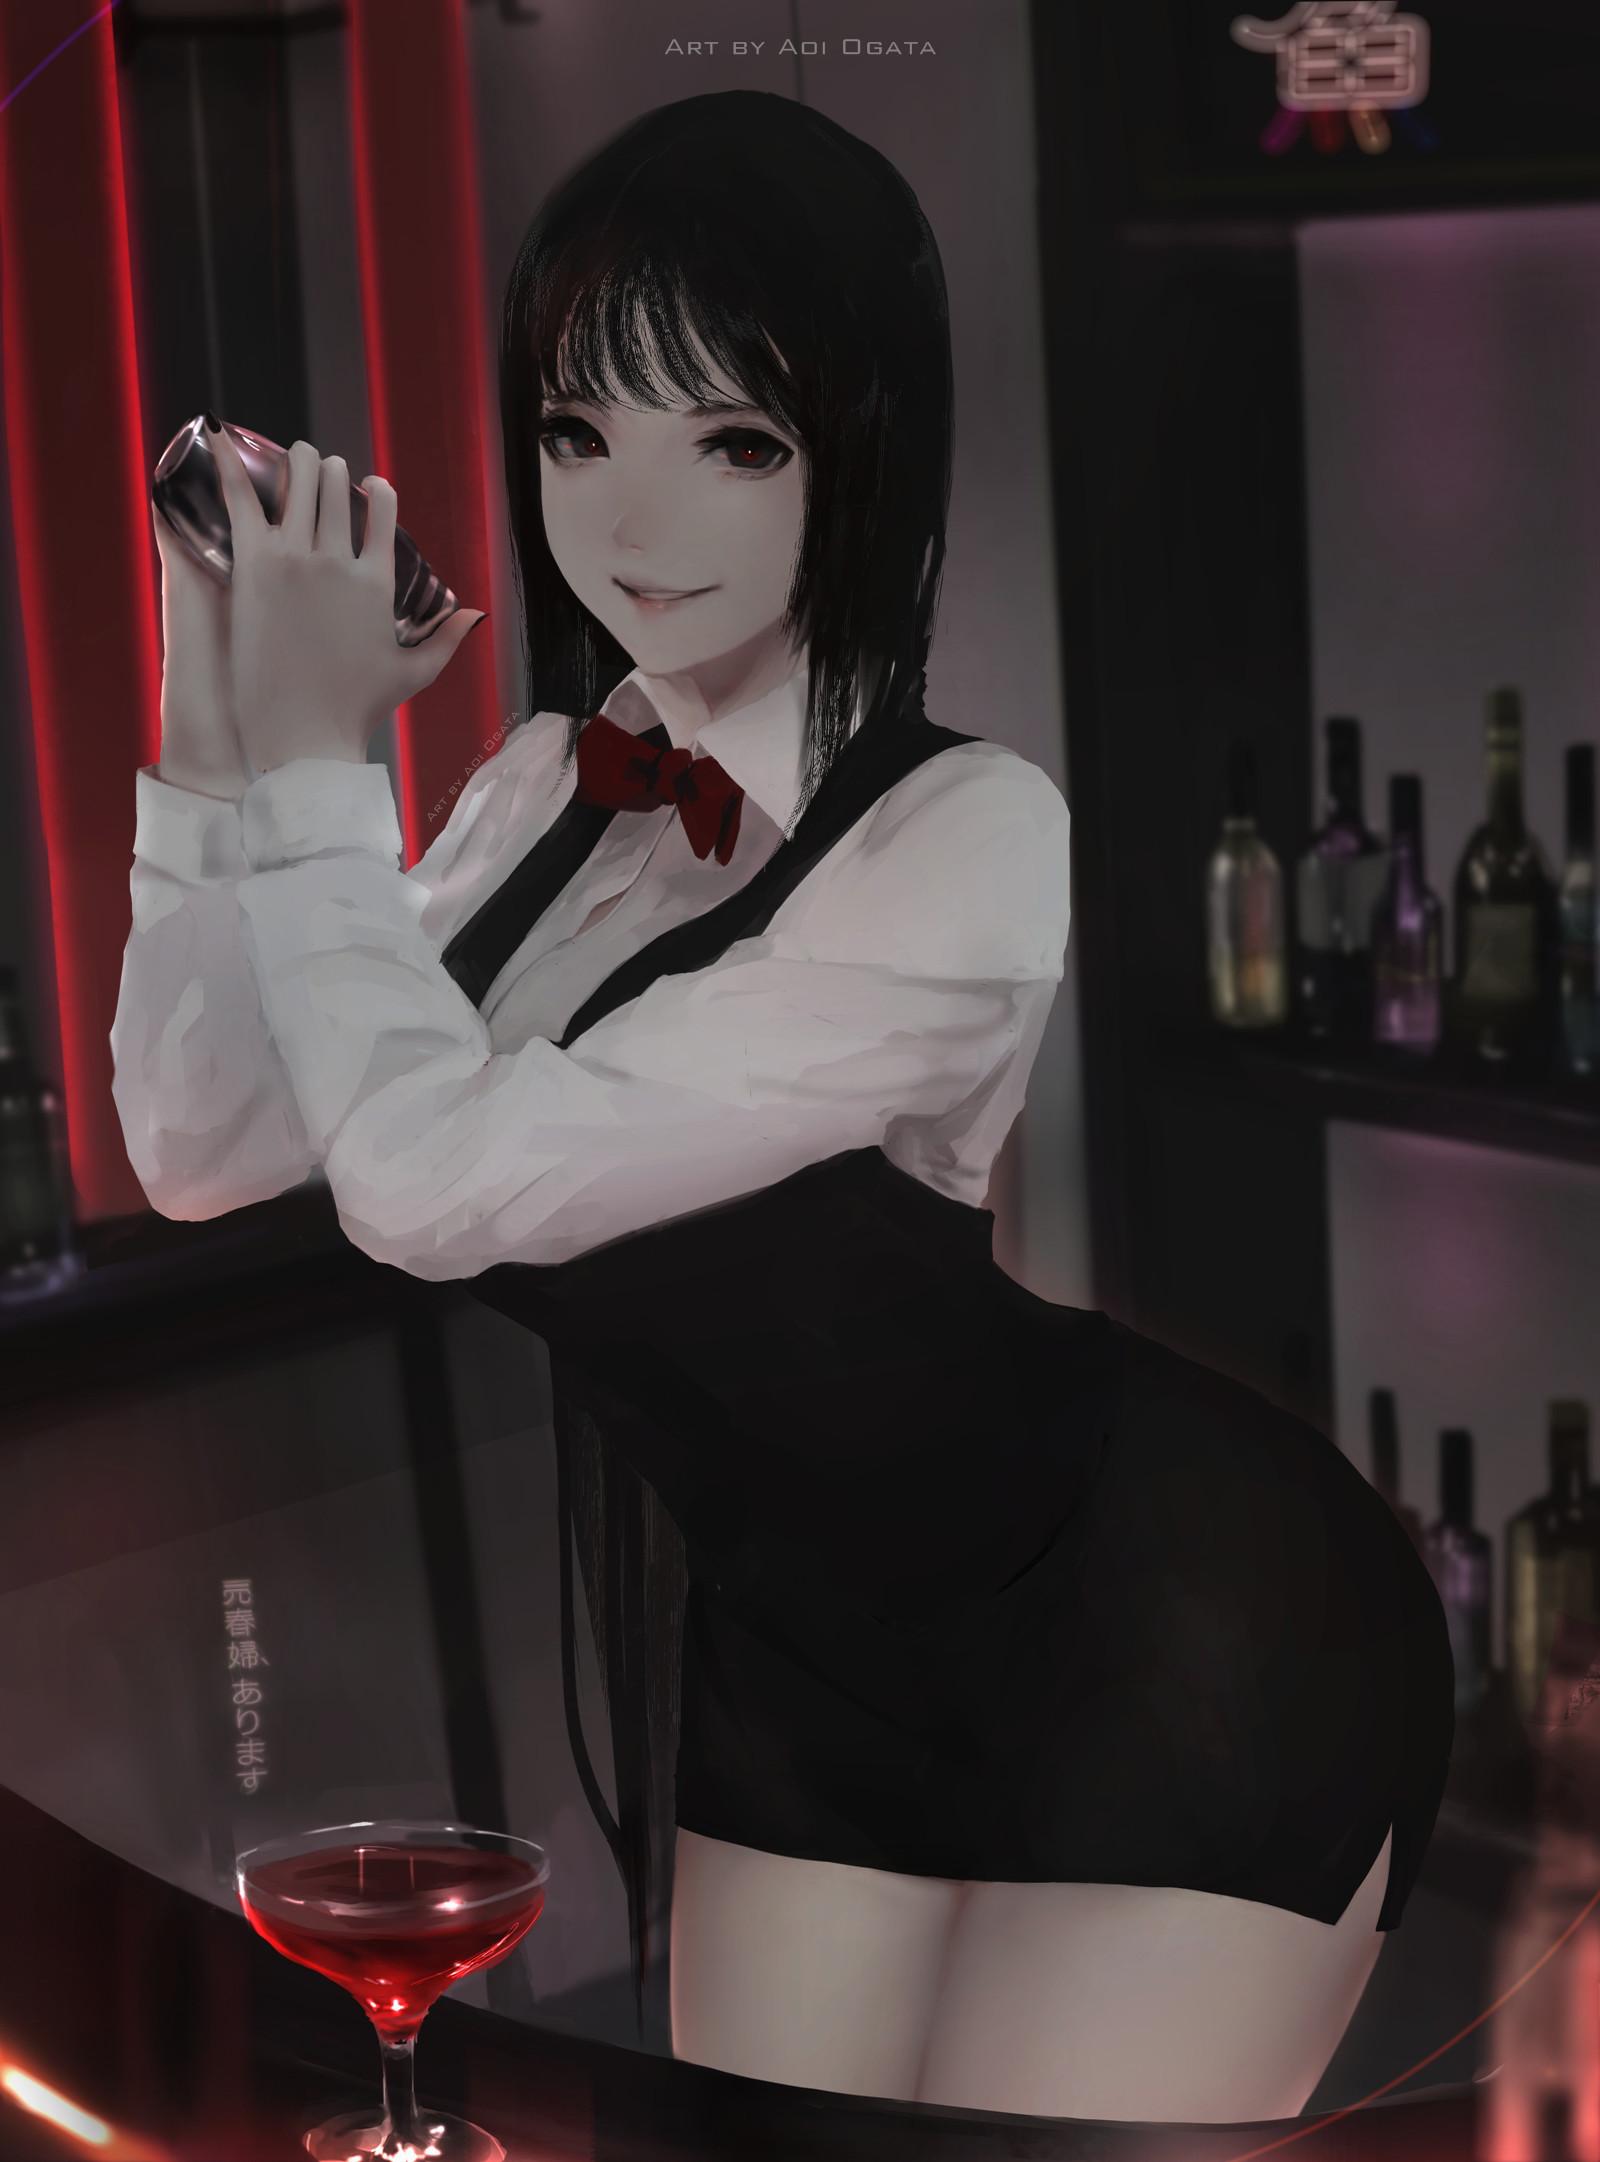 Aoi ogata bartender41